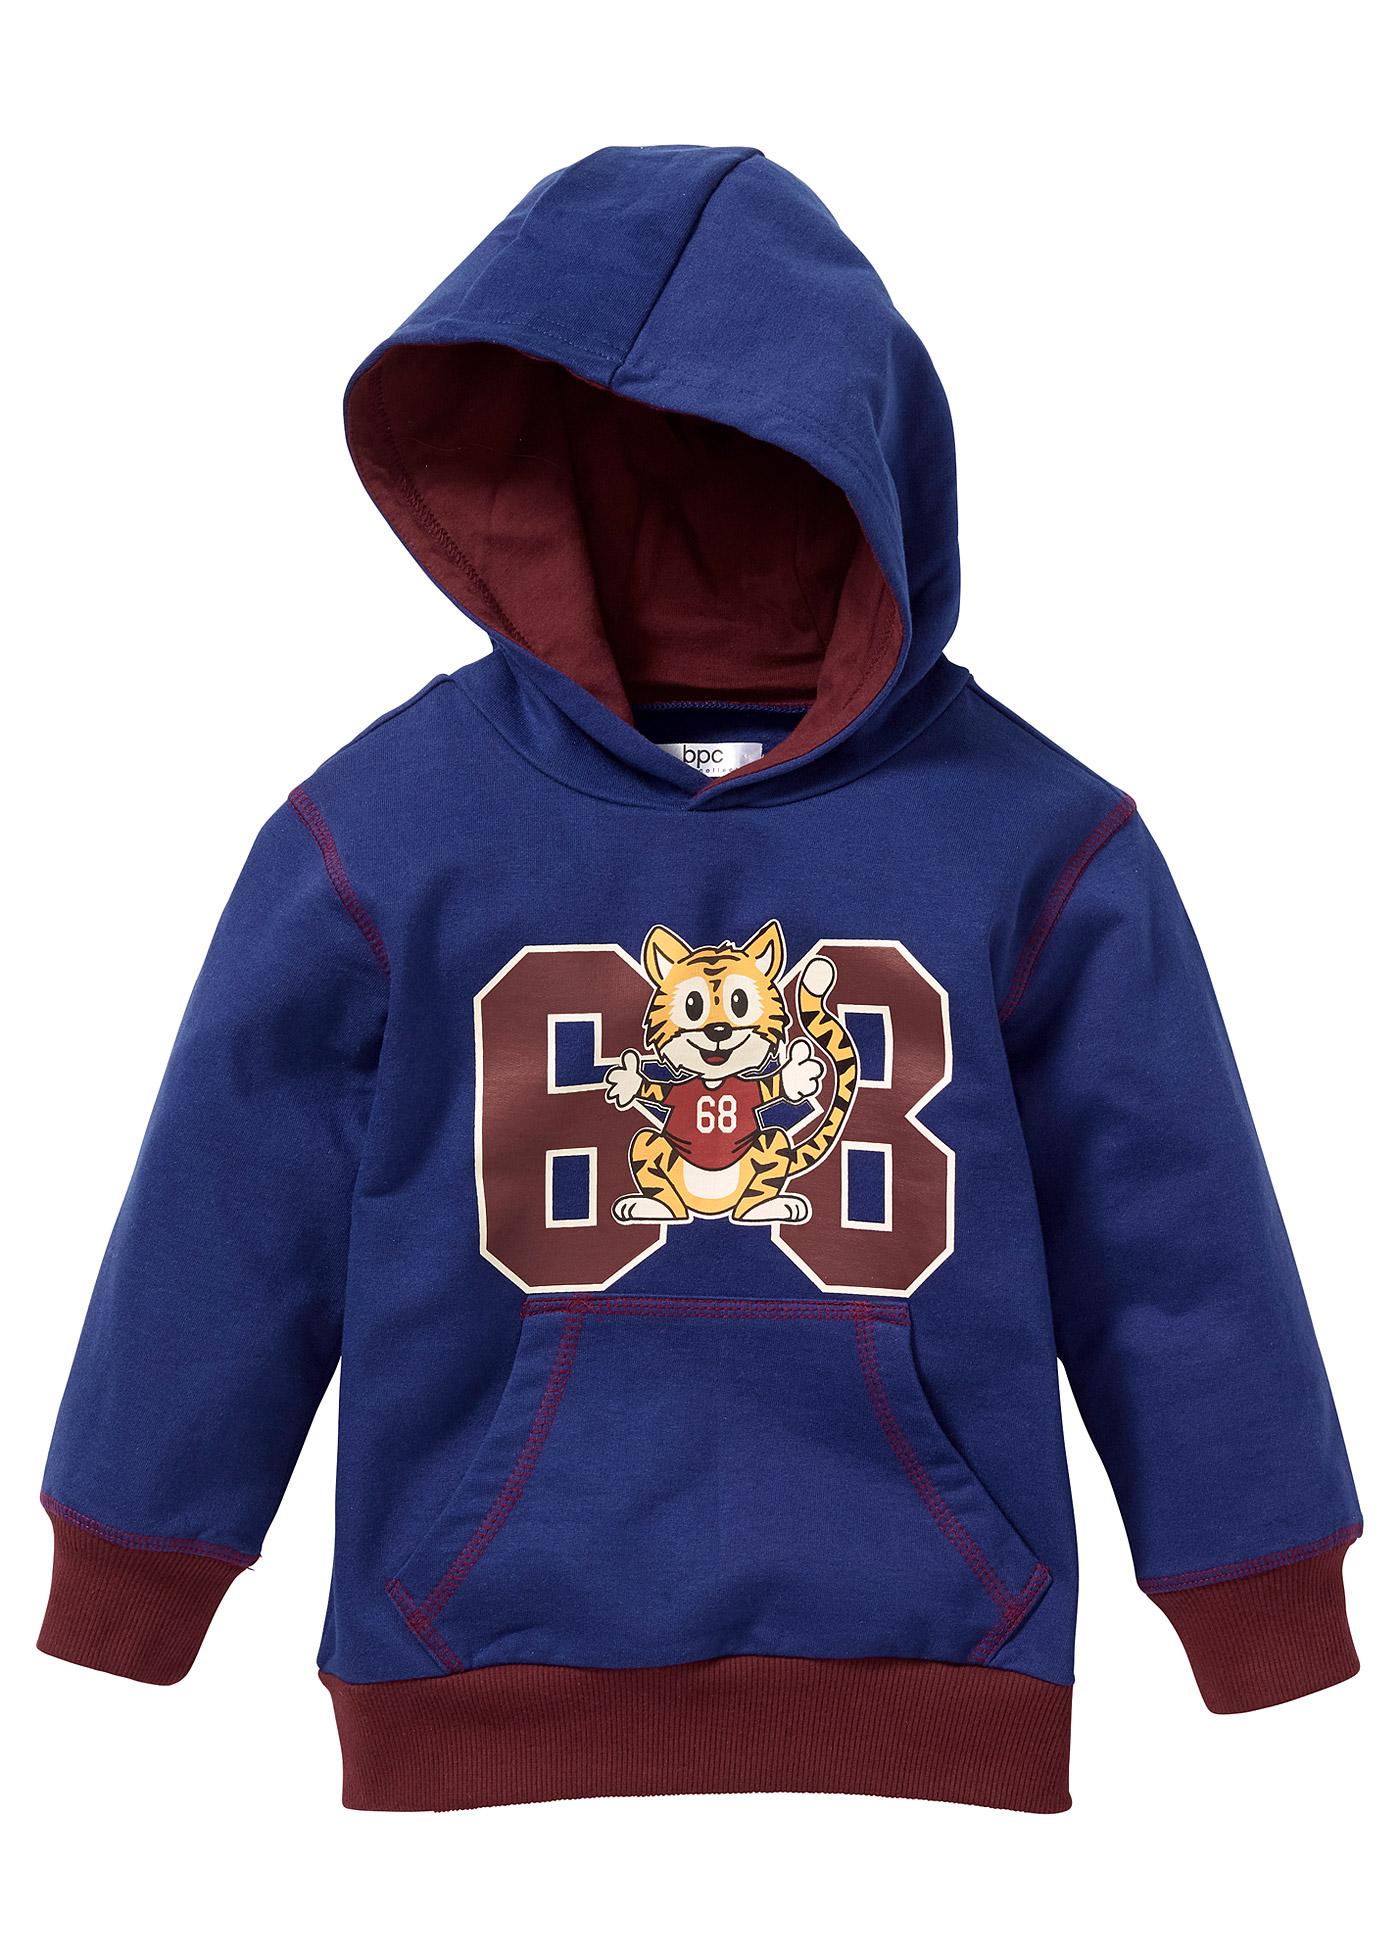 bpc bonprix collection Sweatshirt mit Kapuze, Gr. 80/86-128/134 langarm  in blau für Jungen von bonprix